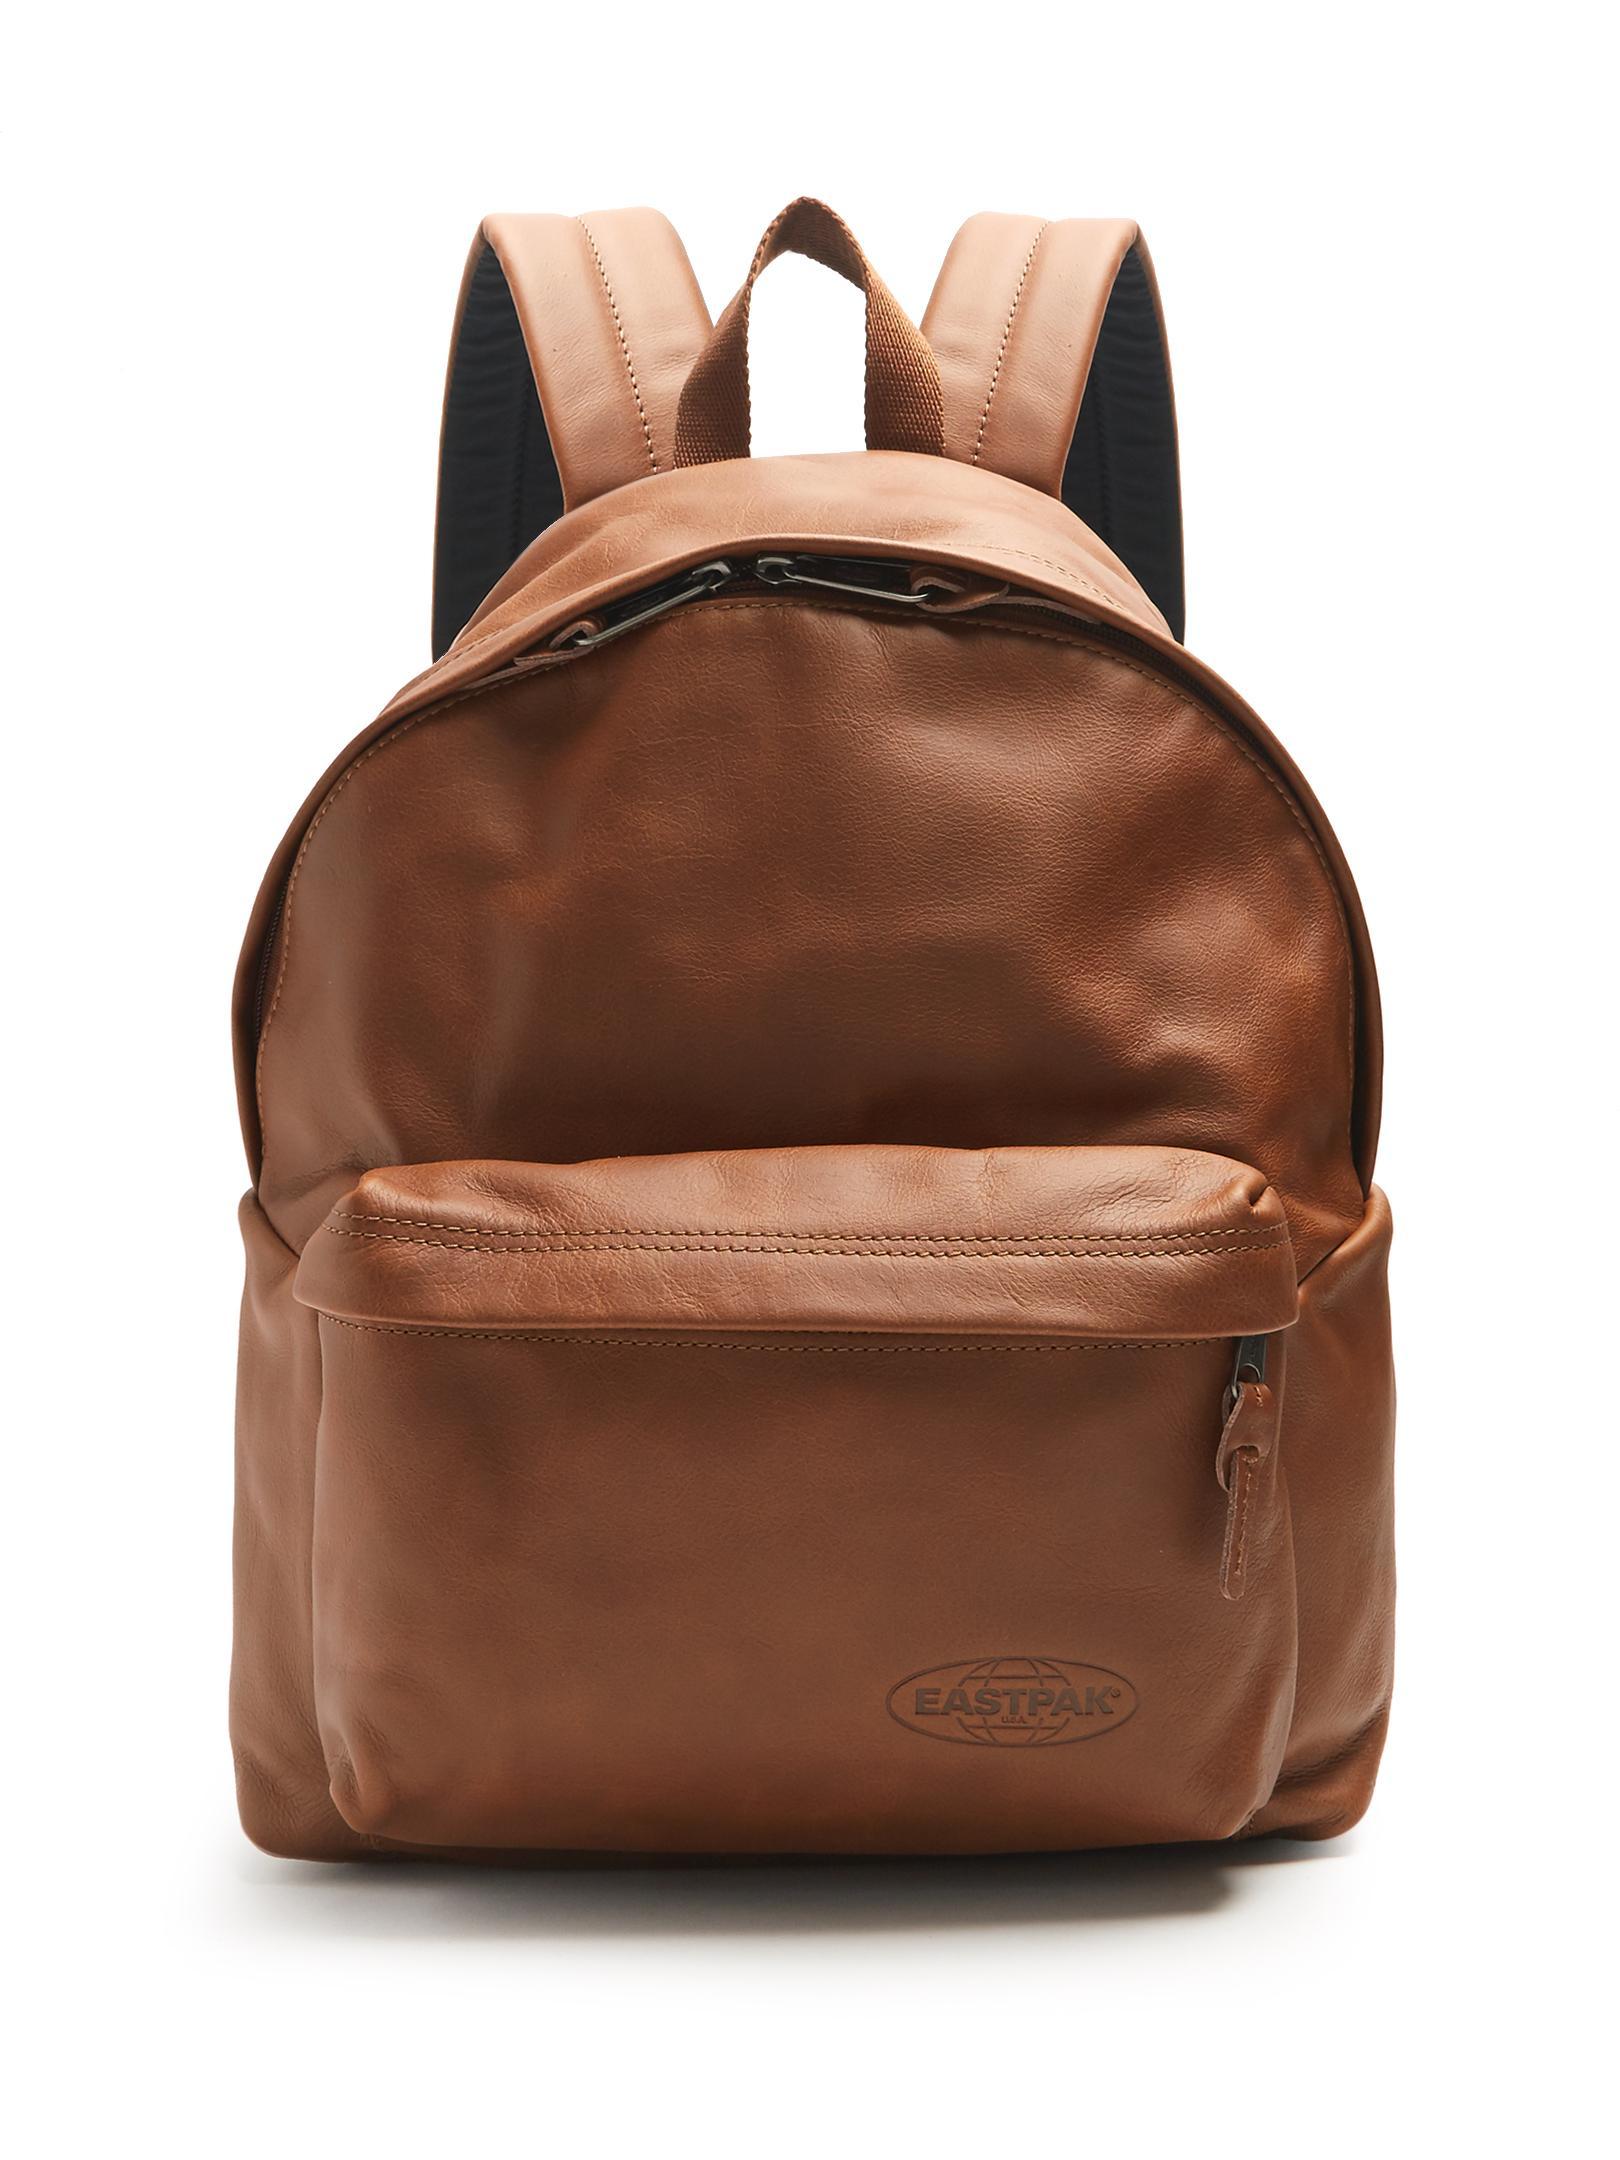 Leather Eastpak Backpack: Eastpak Pak'r Leather Backpack In Brown For Men